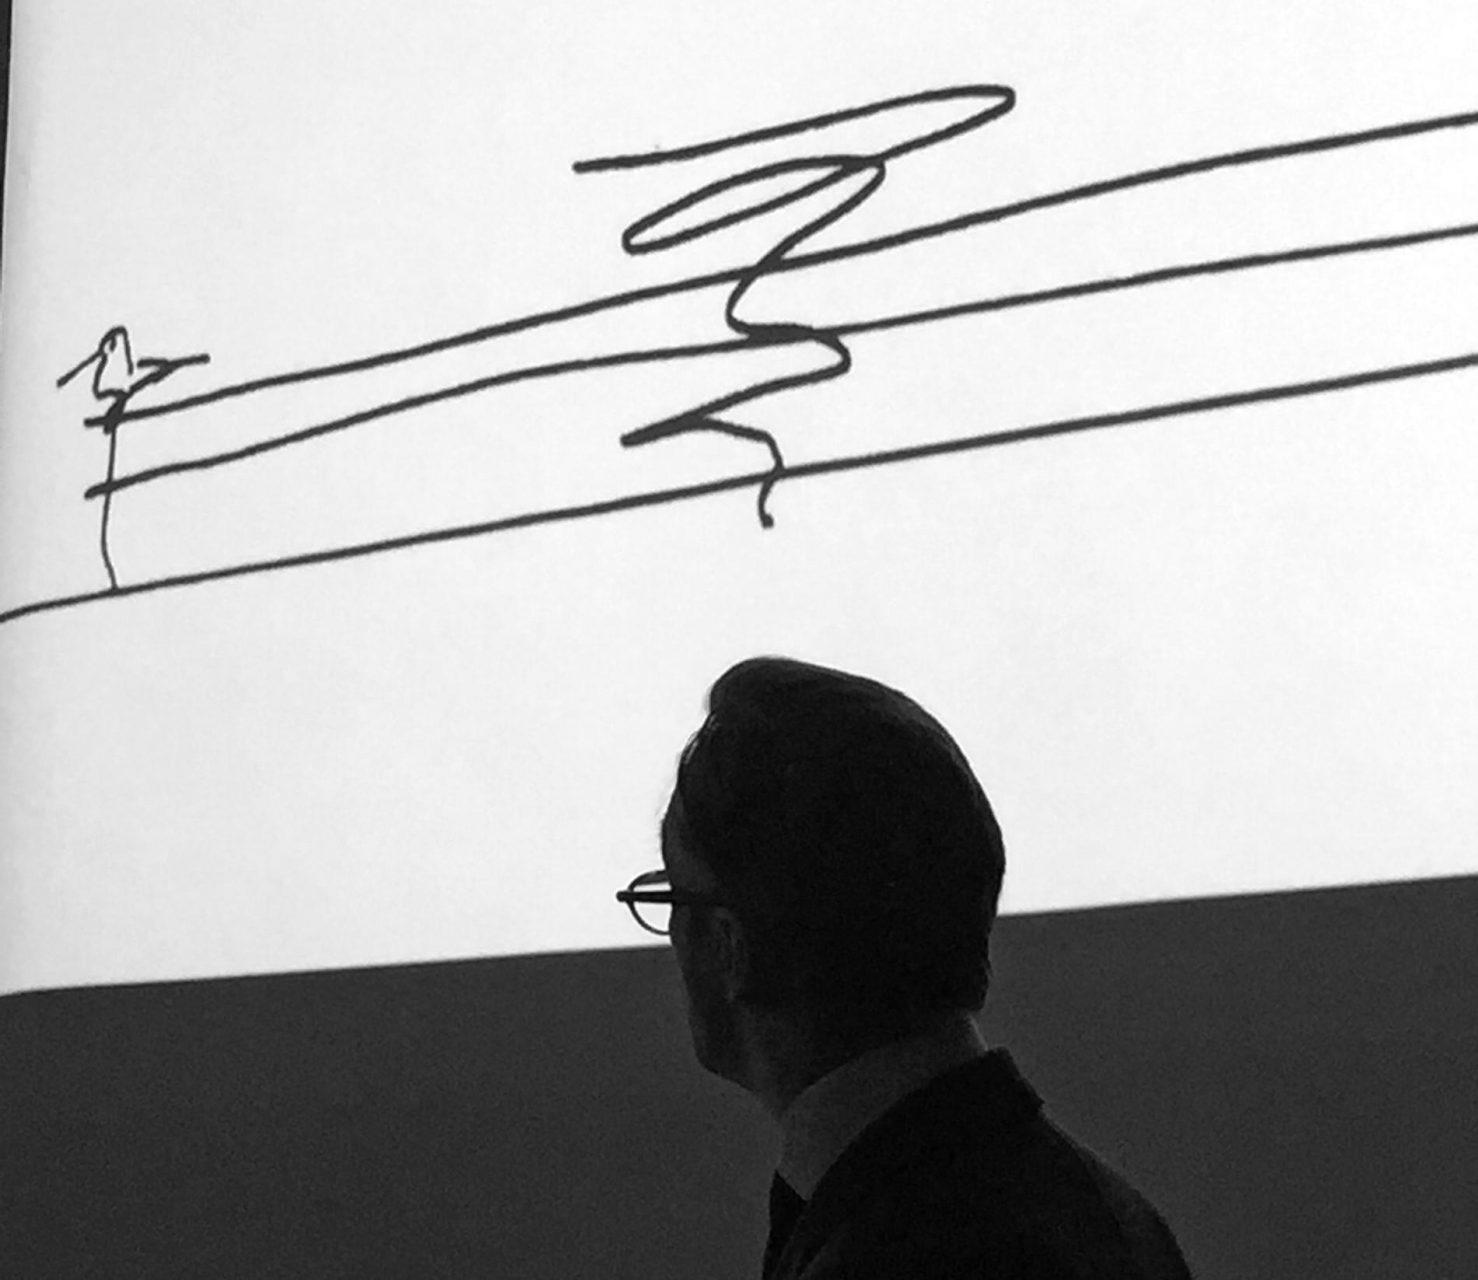 """""""Die Spirale. zeigt die Bewegung der Migration und weist von der Vergangenheit in die Zukunft"""", so ist Stiftungsdirektor Wim Pijbes von der symbolischen Kraft der """"spiral staircase"""" überzeugt."""